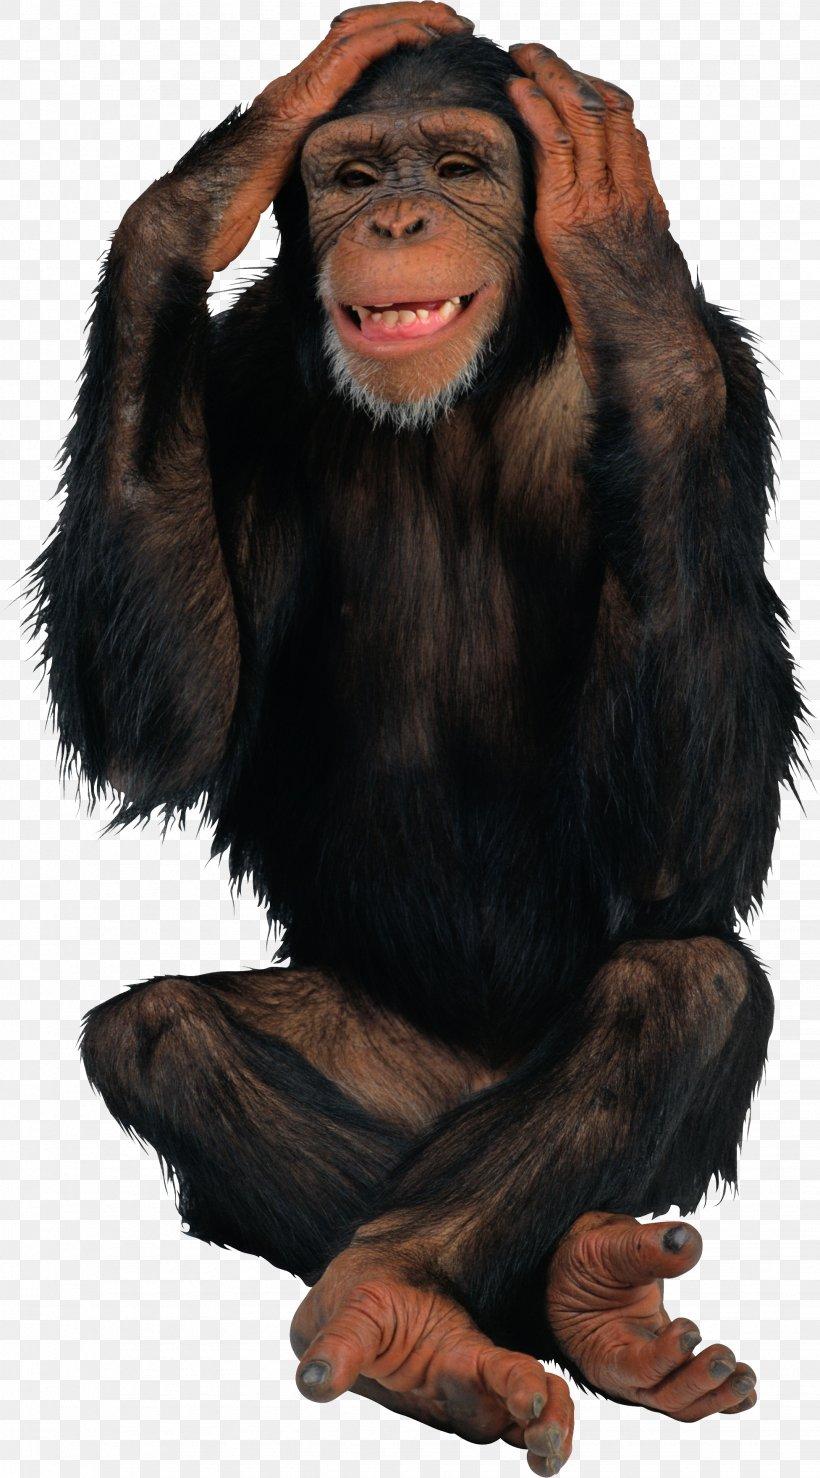 Monkey Gray Langur, PNG, 1953x3522px, Primate, Ape, Chimpanzee, Common Chimpanzee, Fur Download Free